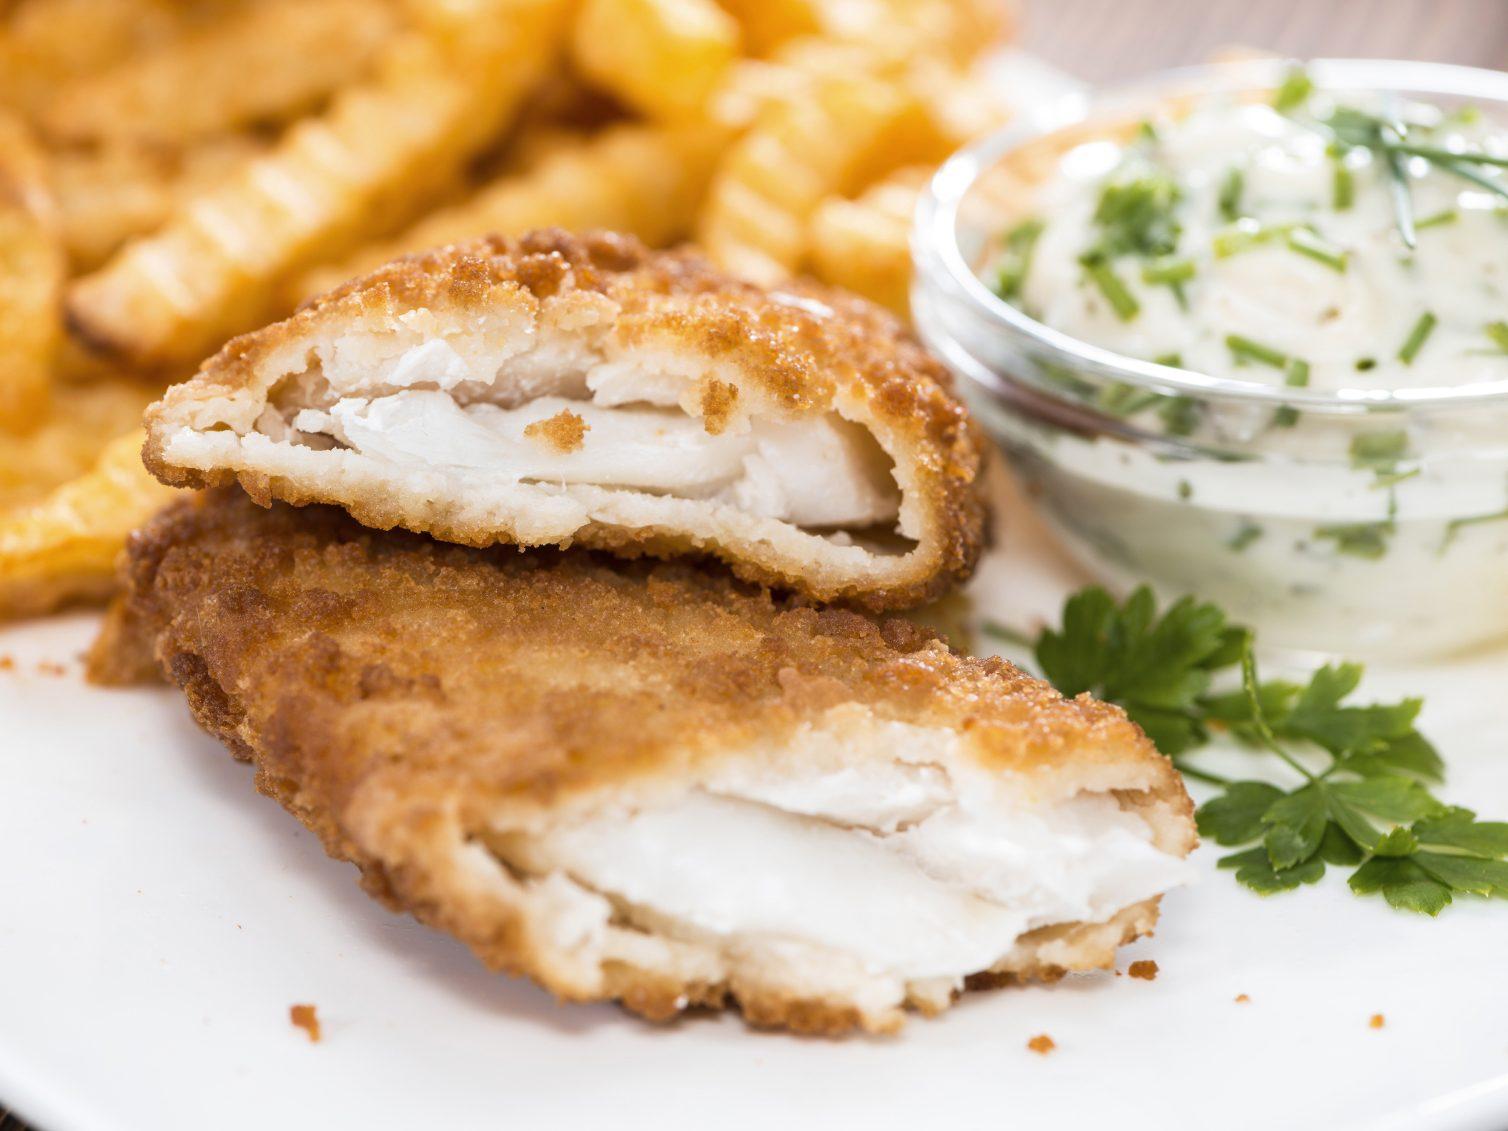 Une recette santé pour les hommes de poisson pané